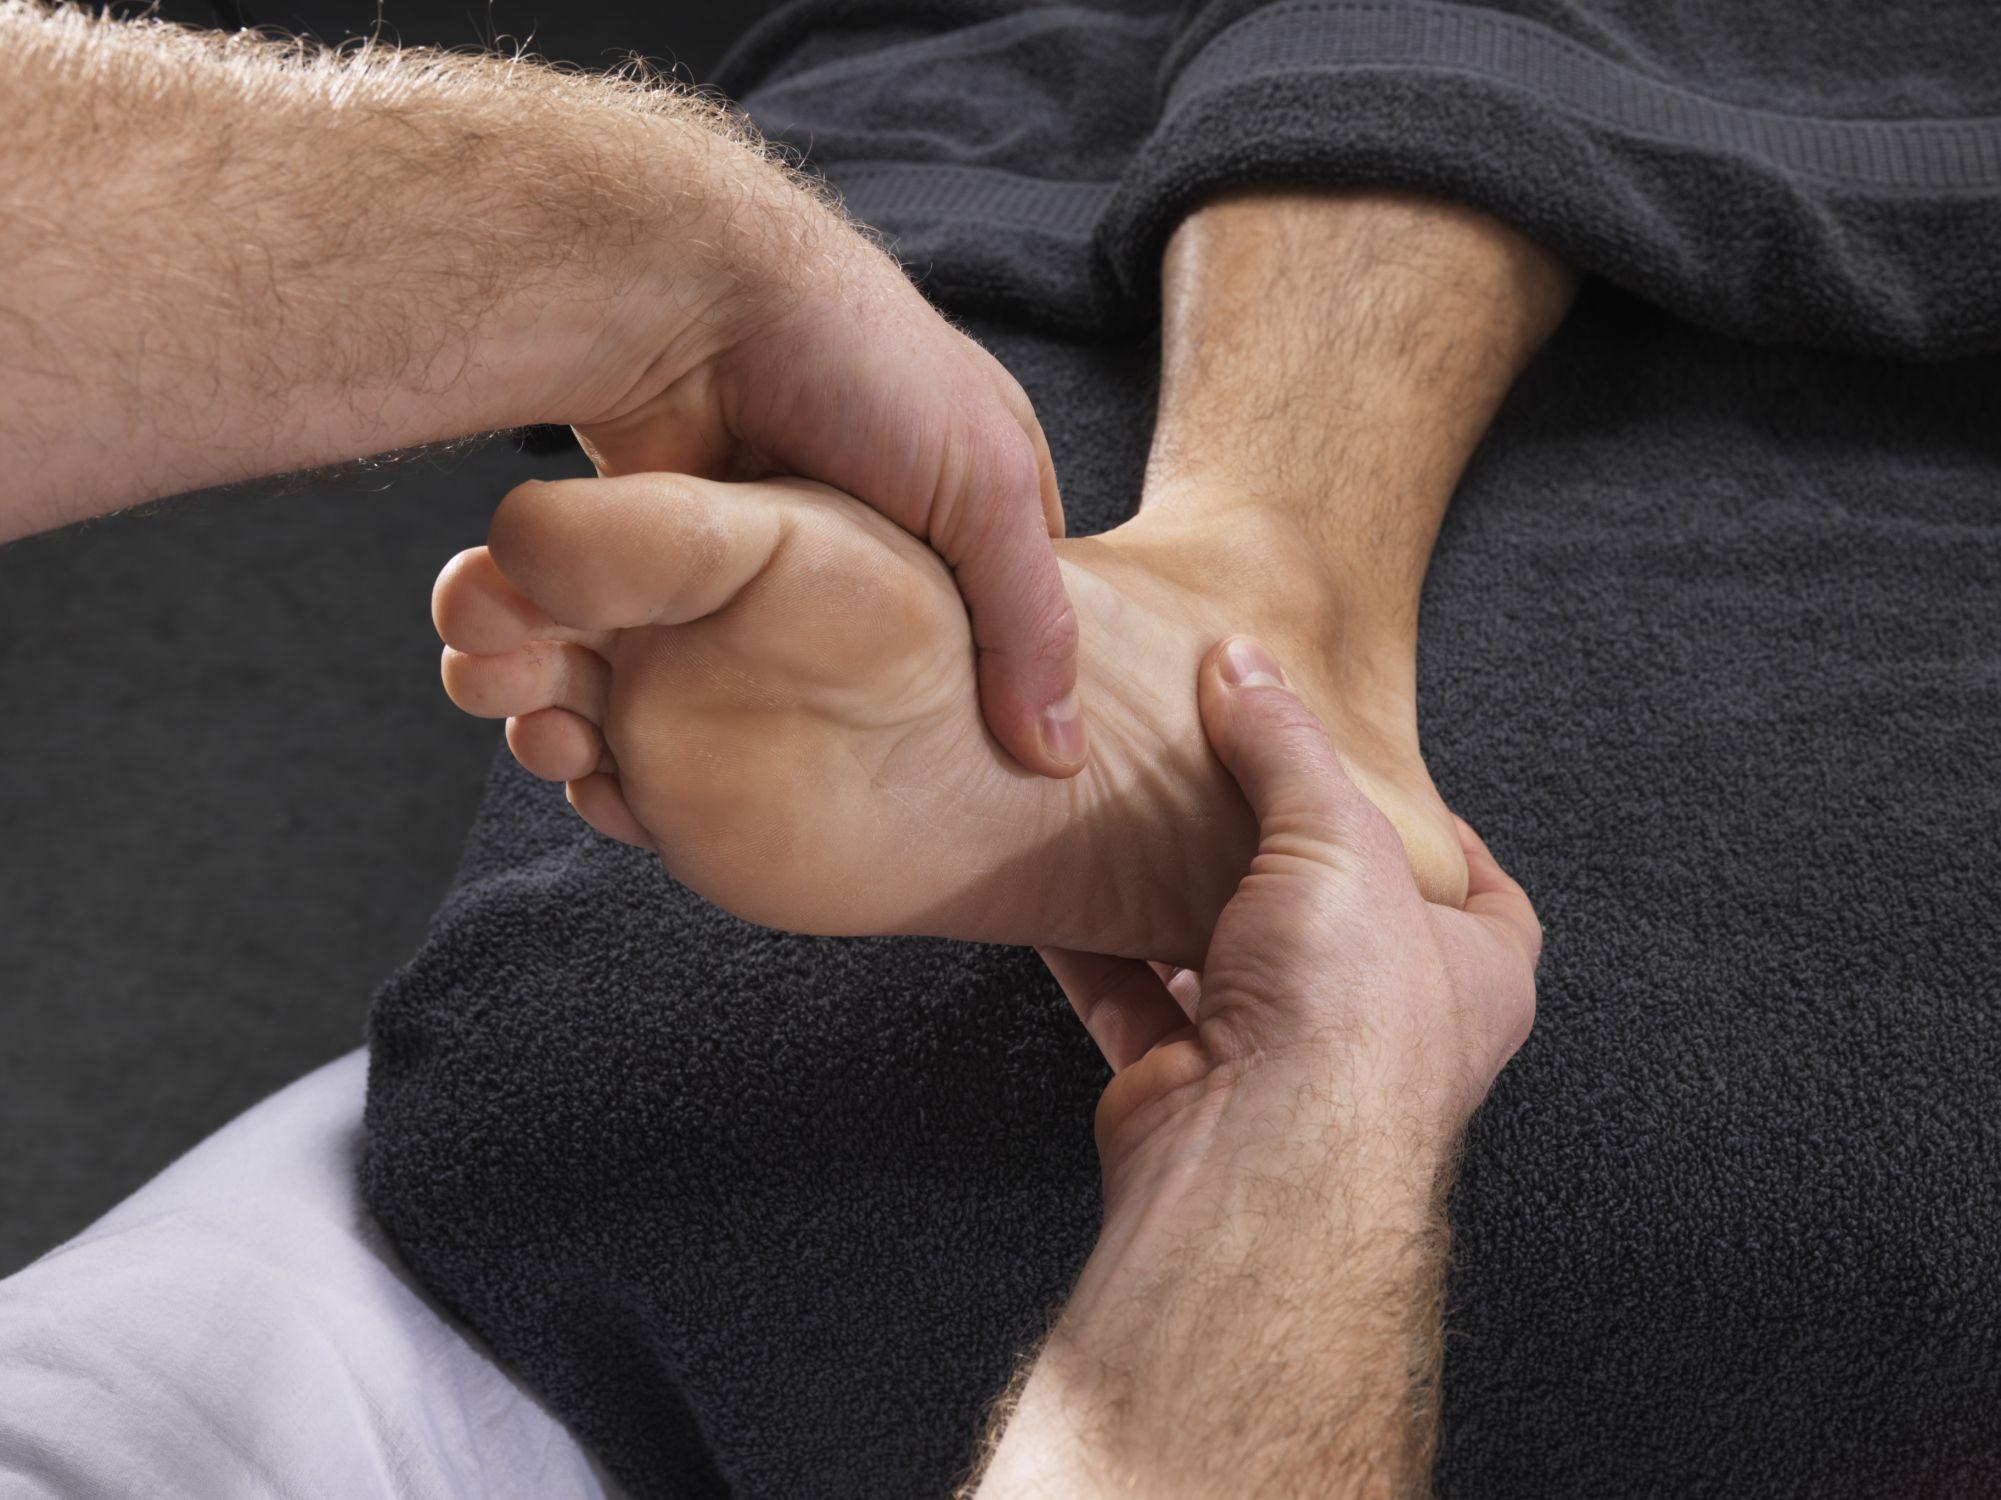 إصابات القدم